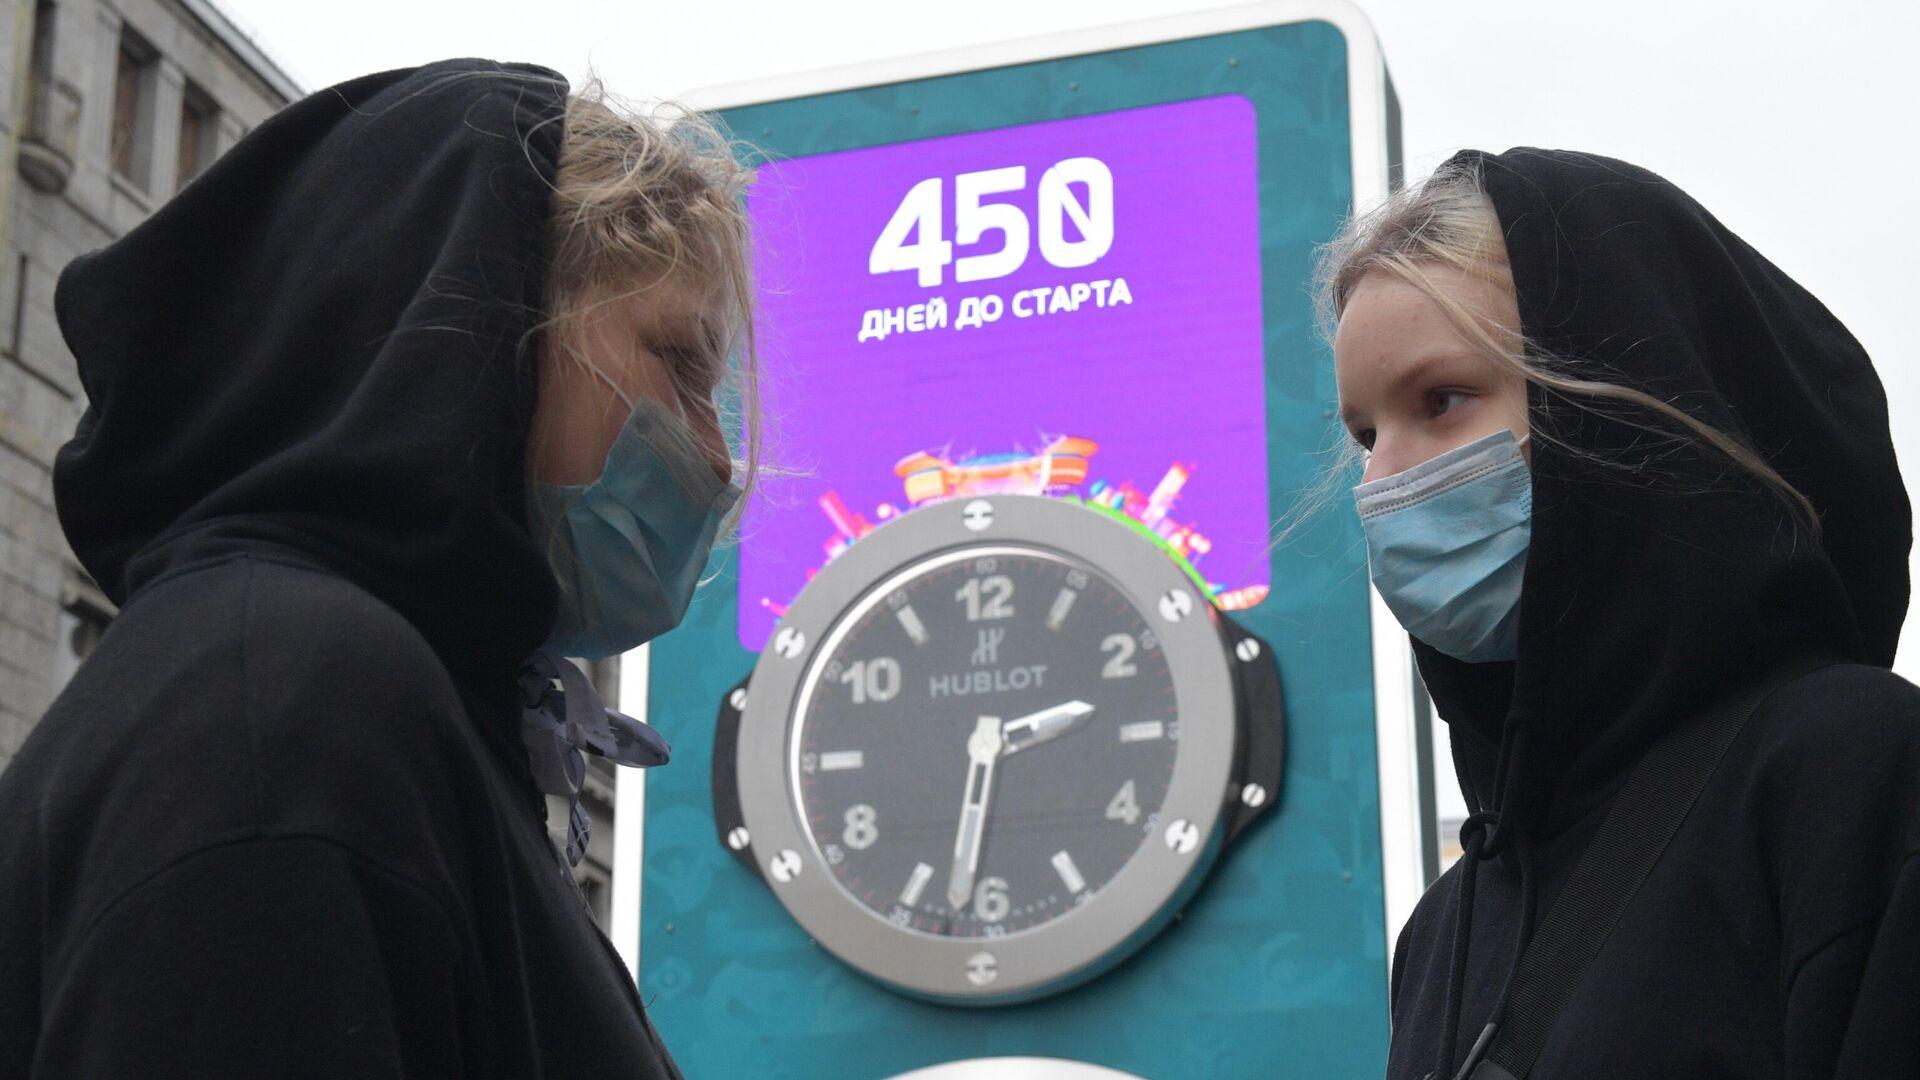 Девушки в медицинских масках рядом с часами обратного отсчета времени до старта чемпионата Европы по футболу - РИА Новости, 1920, 20.03.2020